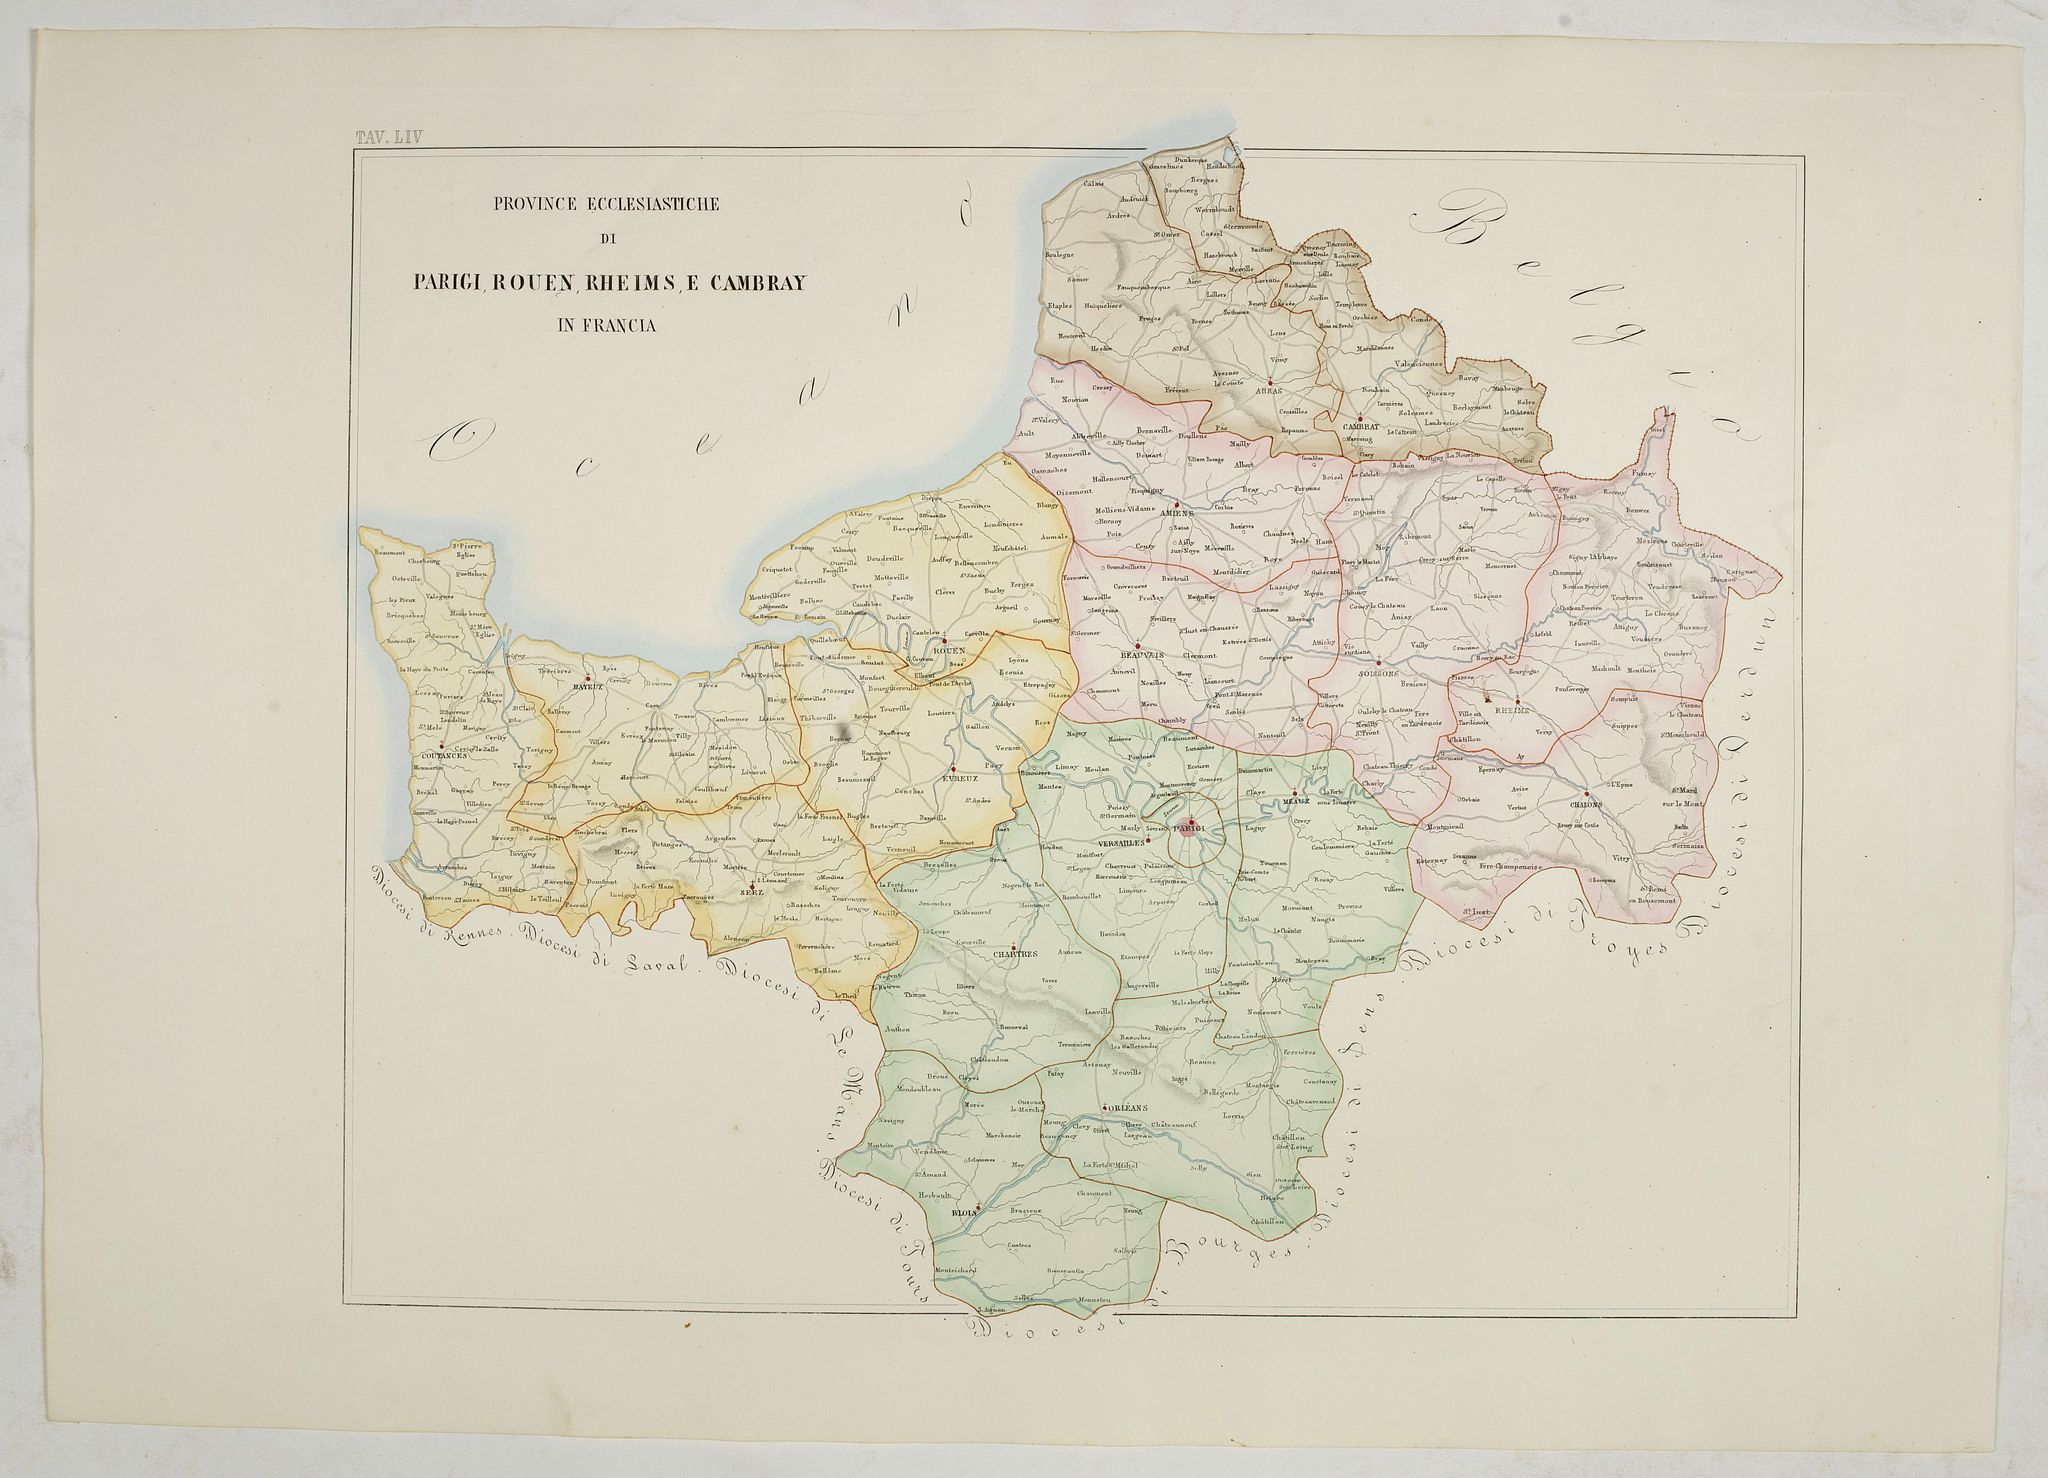 PETRI  Girolamo -  Province ecclesiastiche di Parigi, Rouen, Rheims, E Cambray in Francia (Tav LIV)